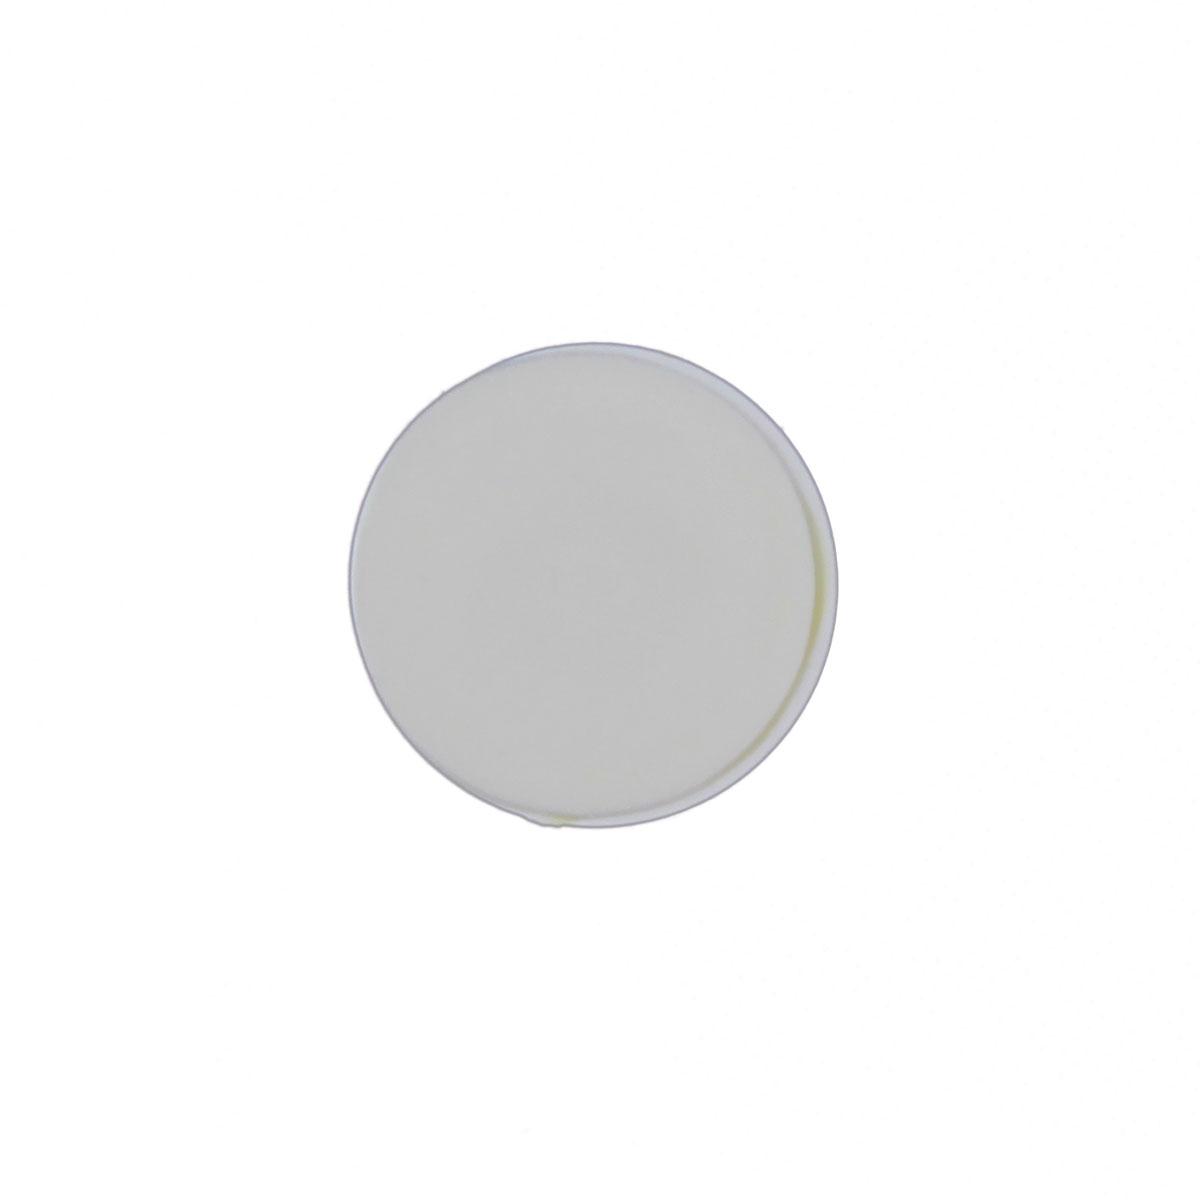 Türstopper / Türpuffer, weiß, aus Kunststoff